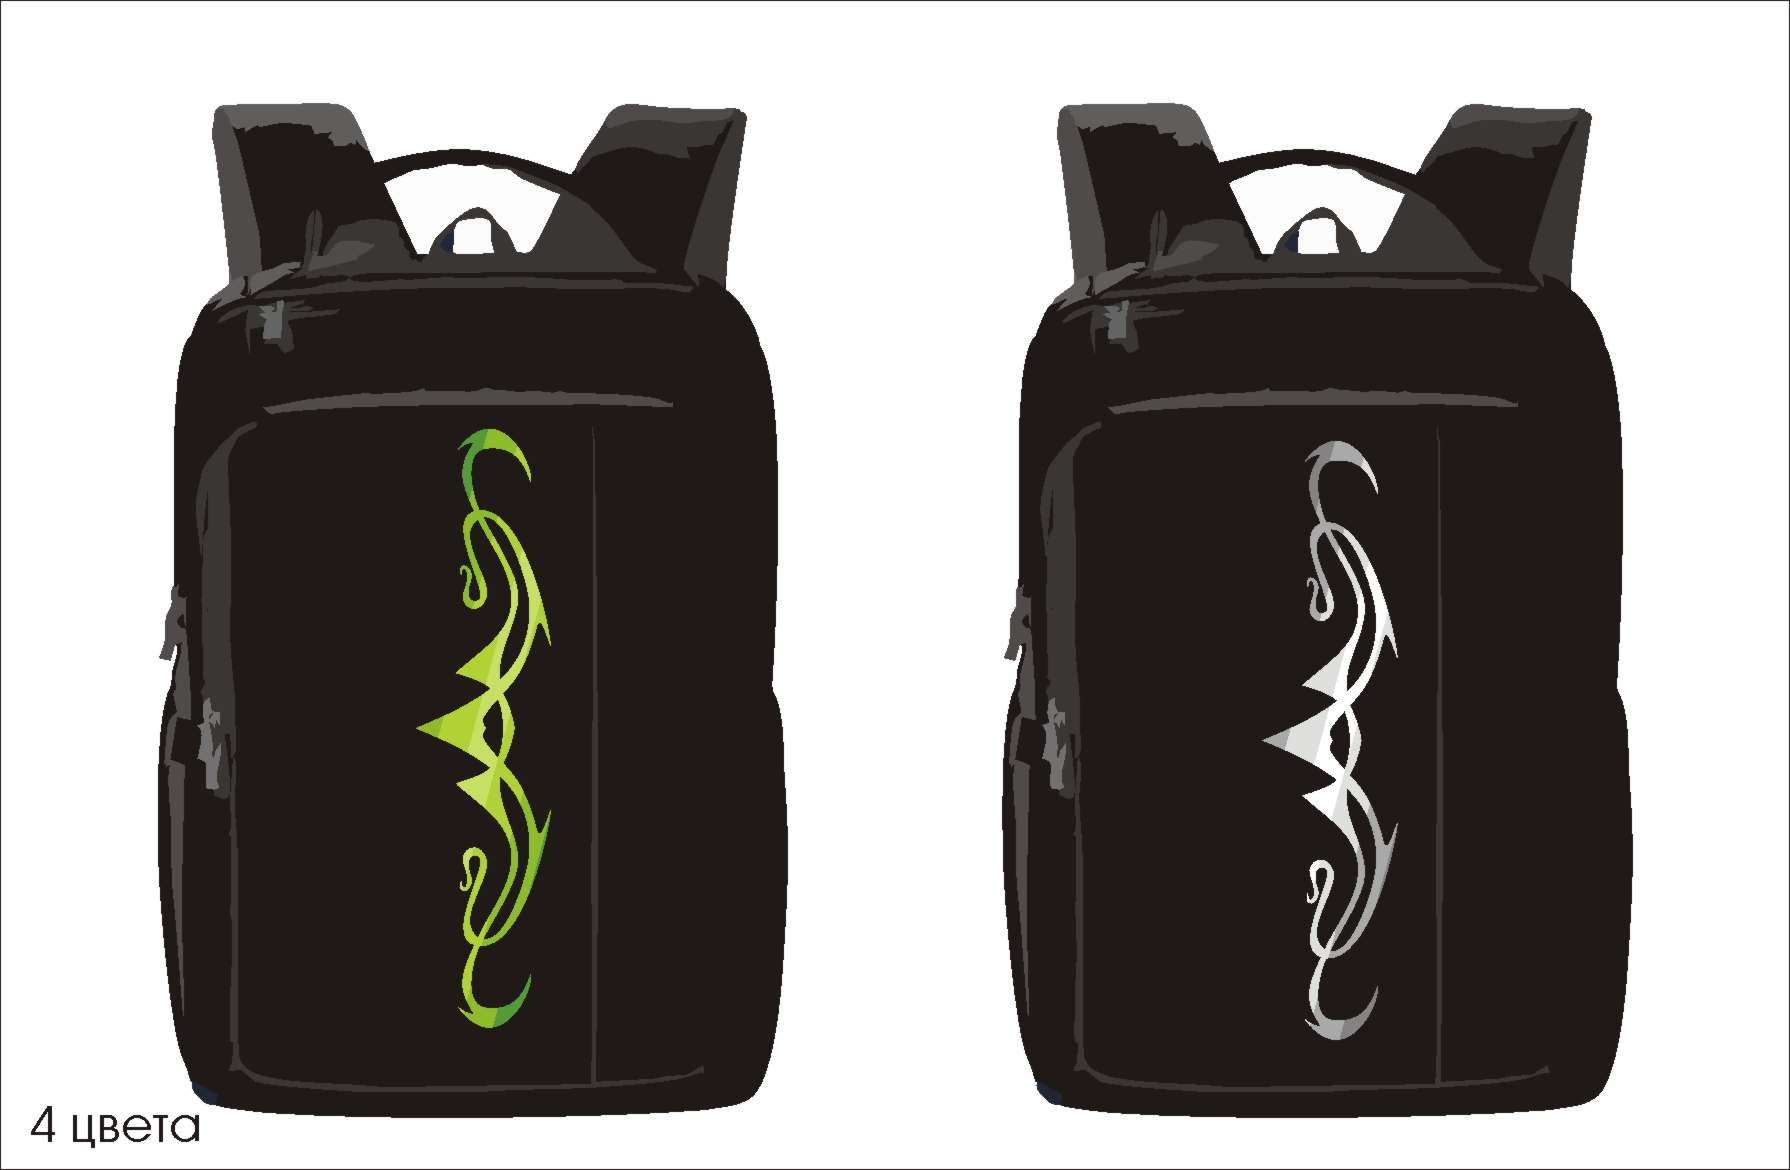 Конкурс на создание оригинального принта для рюкзаков фото f_5845f871984ba1c6.jpg